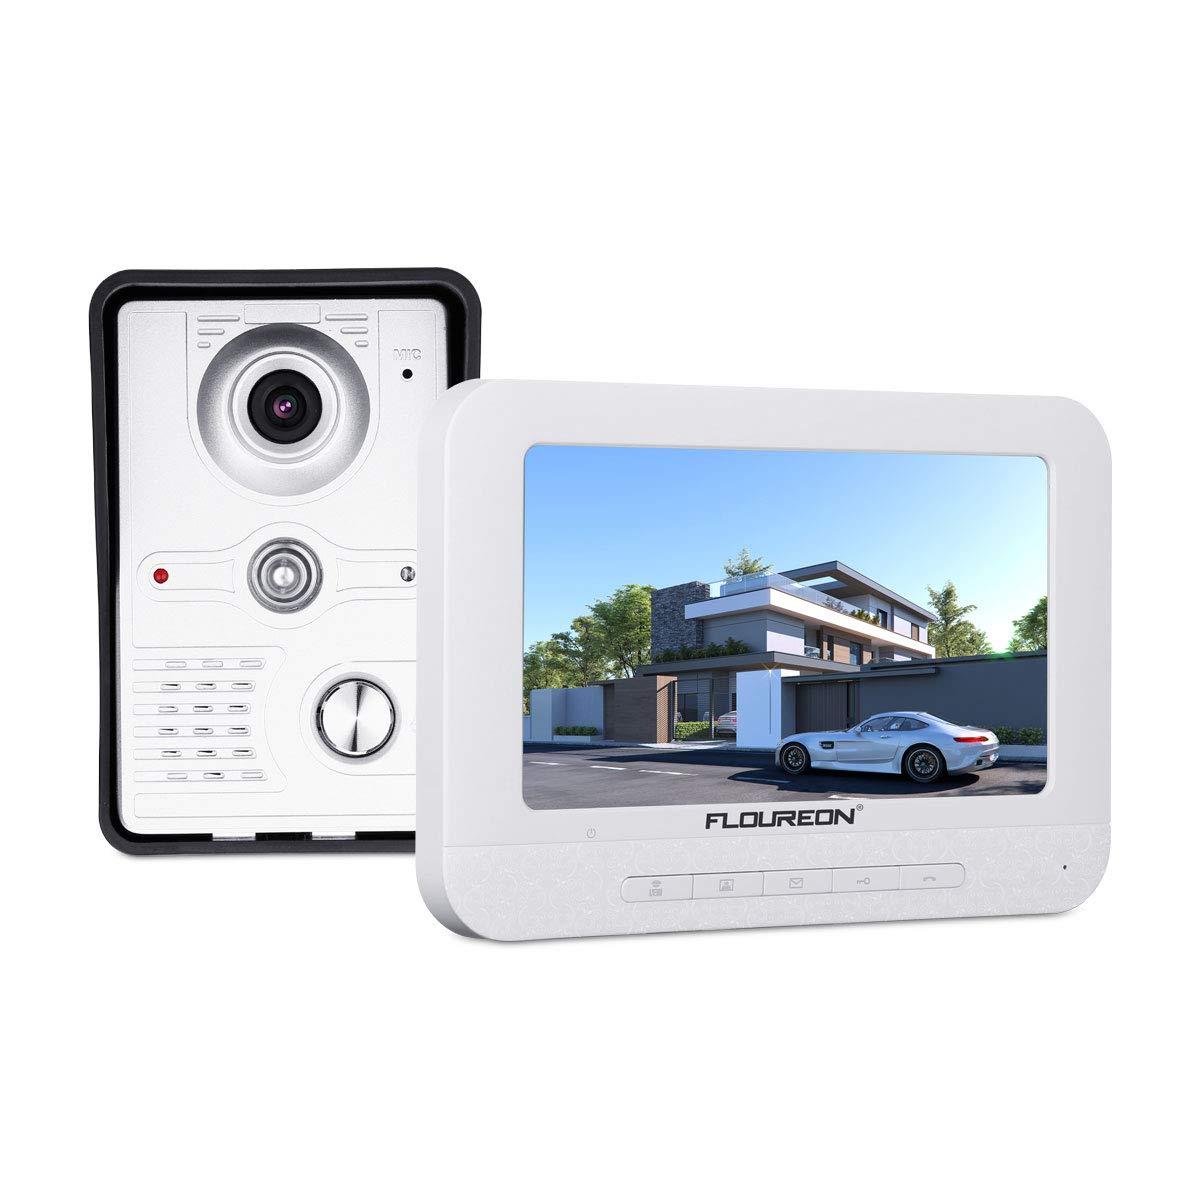 Floureon Interphone vidé o filaire complet 1 maison familiale avec é cran TFT/LCD 7 pouces 1 camé ra HD IR-Cut, é tanche, vision nocturne étanche